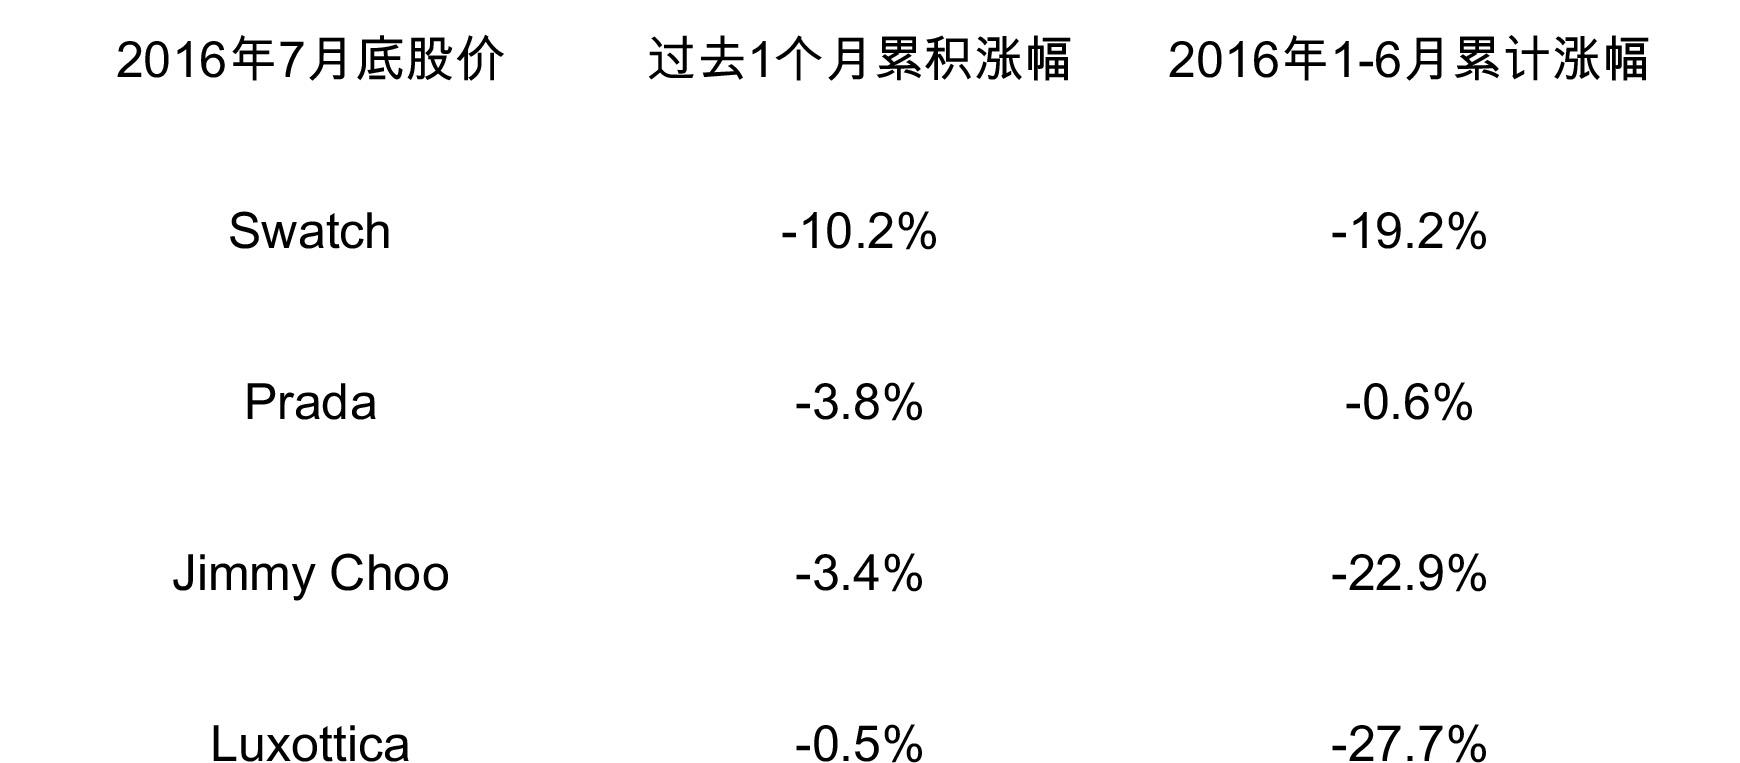 stock Price 2016 7月1.2